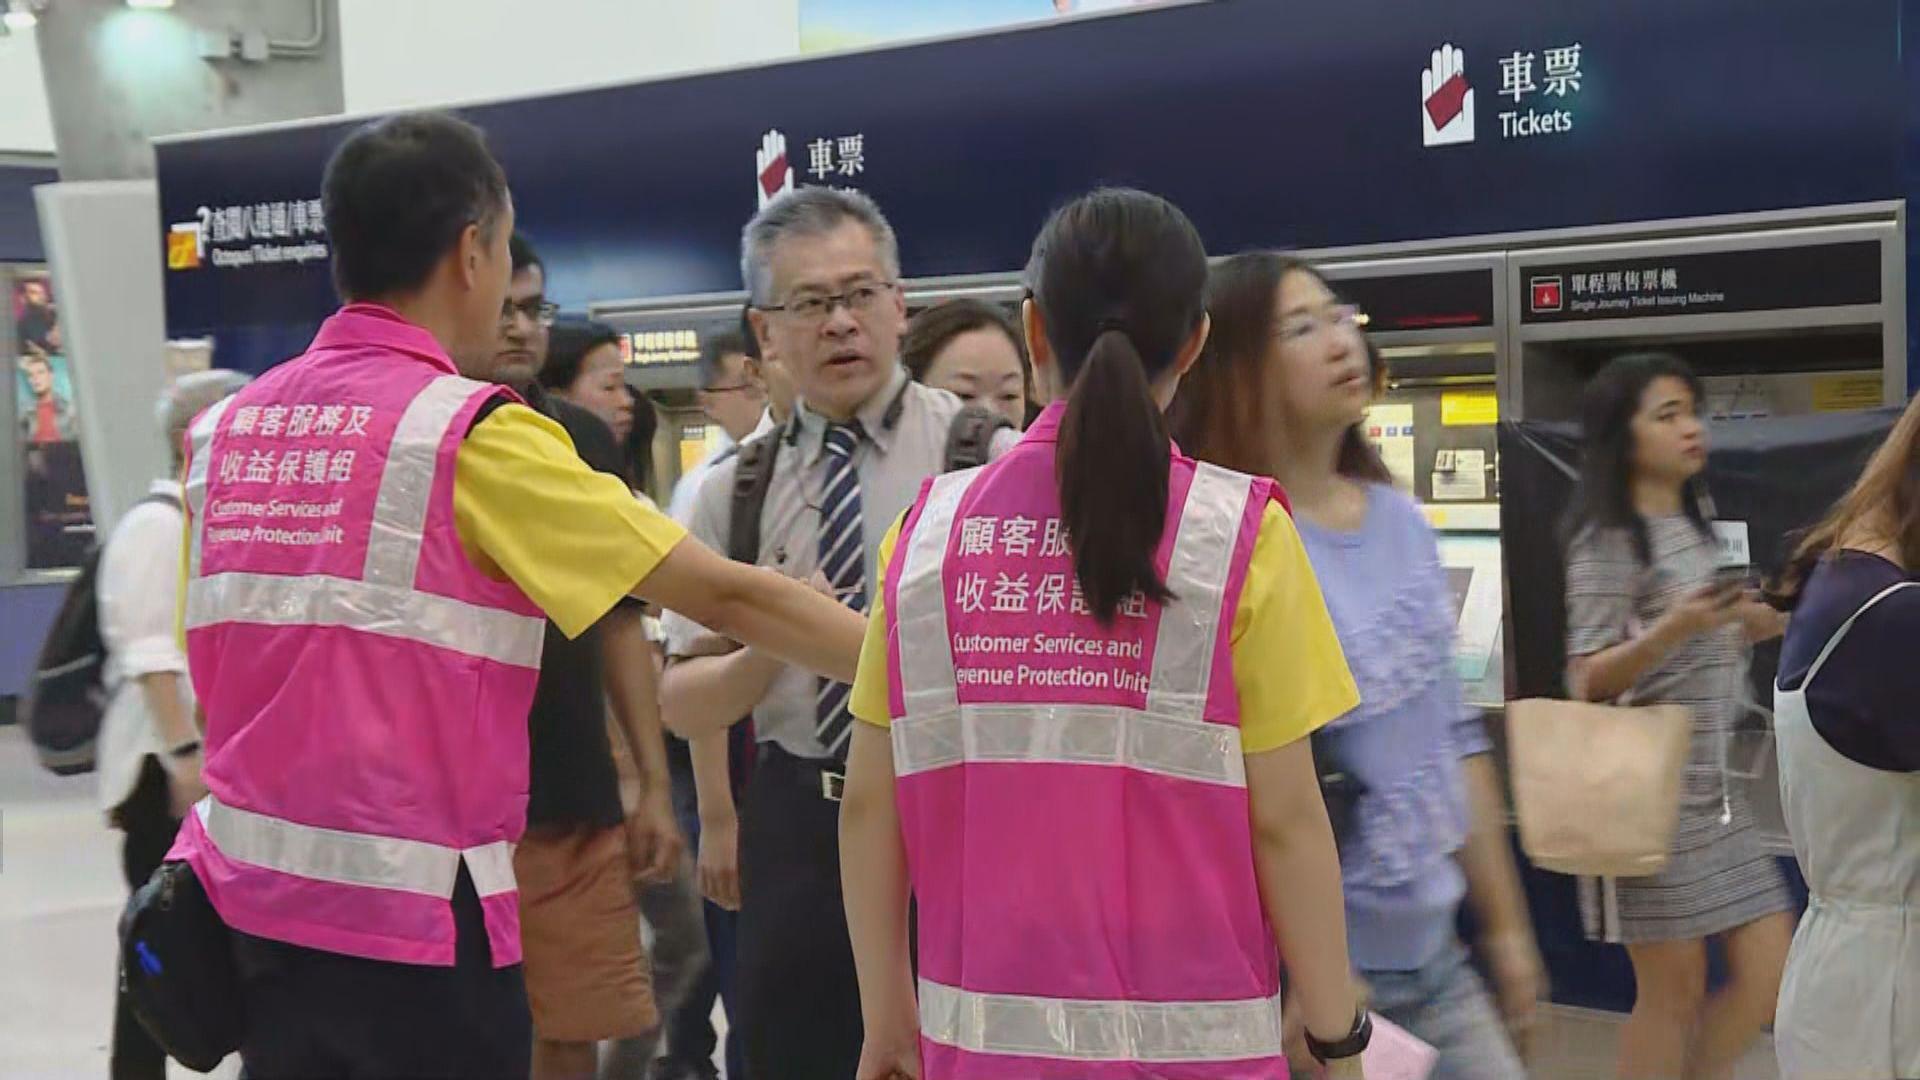 東涌港鐵站重開 惟近半範圍未解封